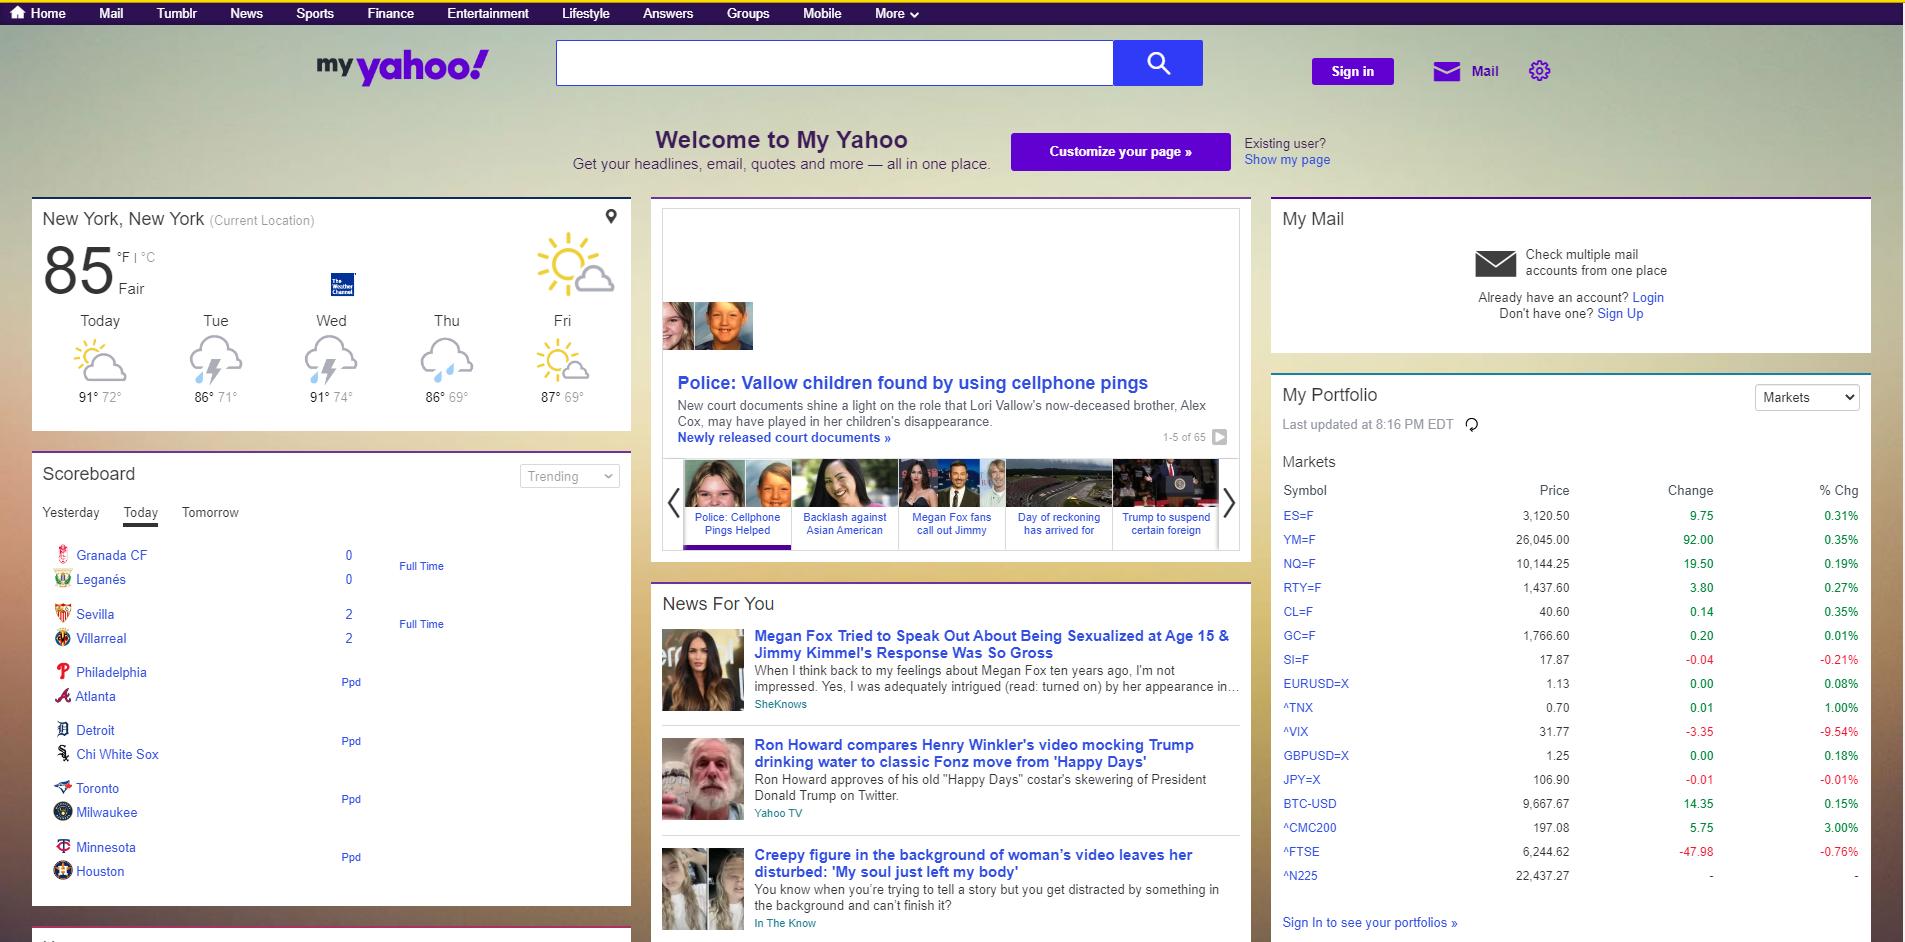 My Yahoo Wikipedia